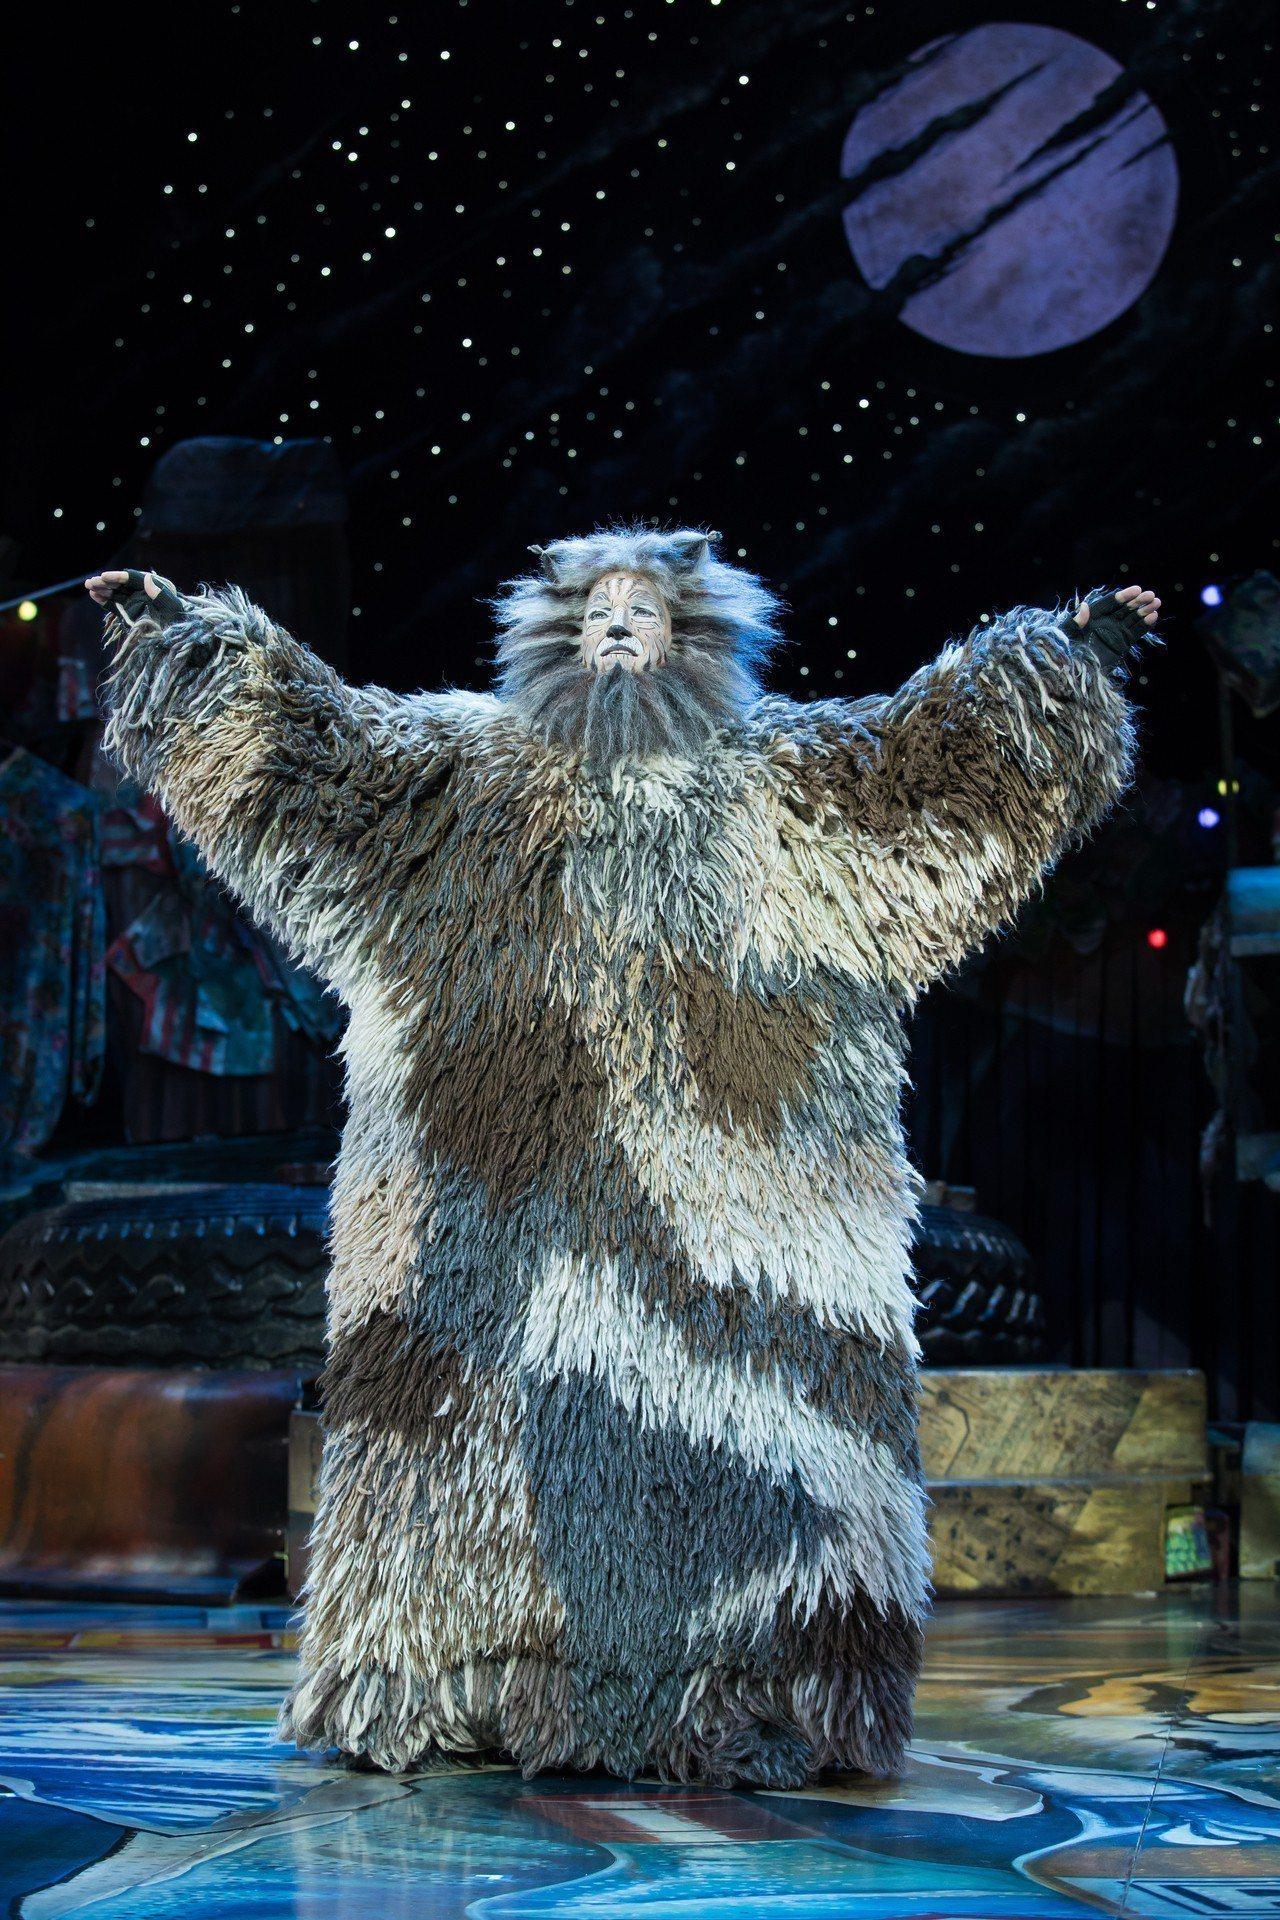 布萊德托利在「貓」劇演出老戒律伯。圖/寬宏提供